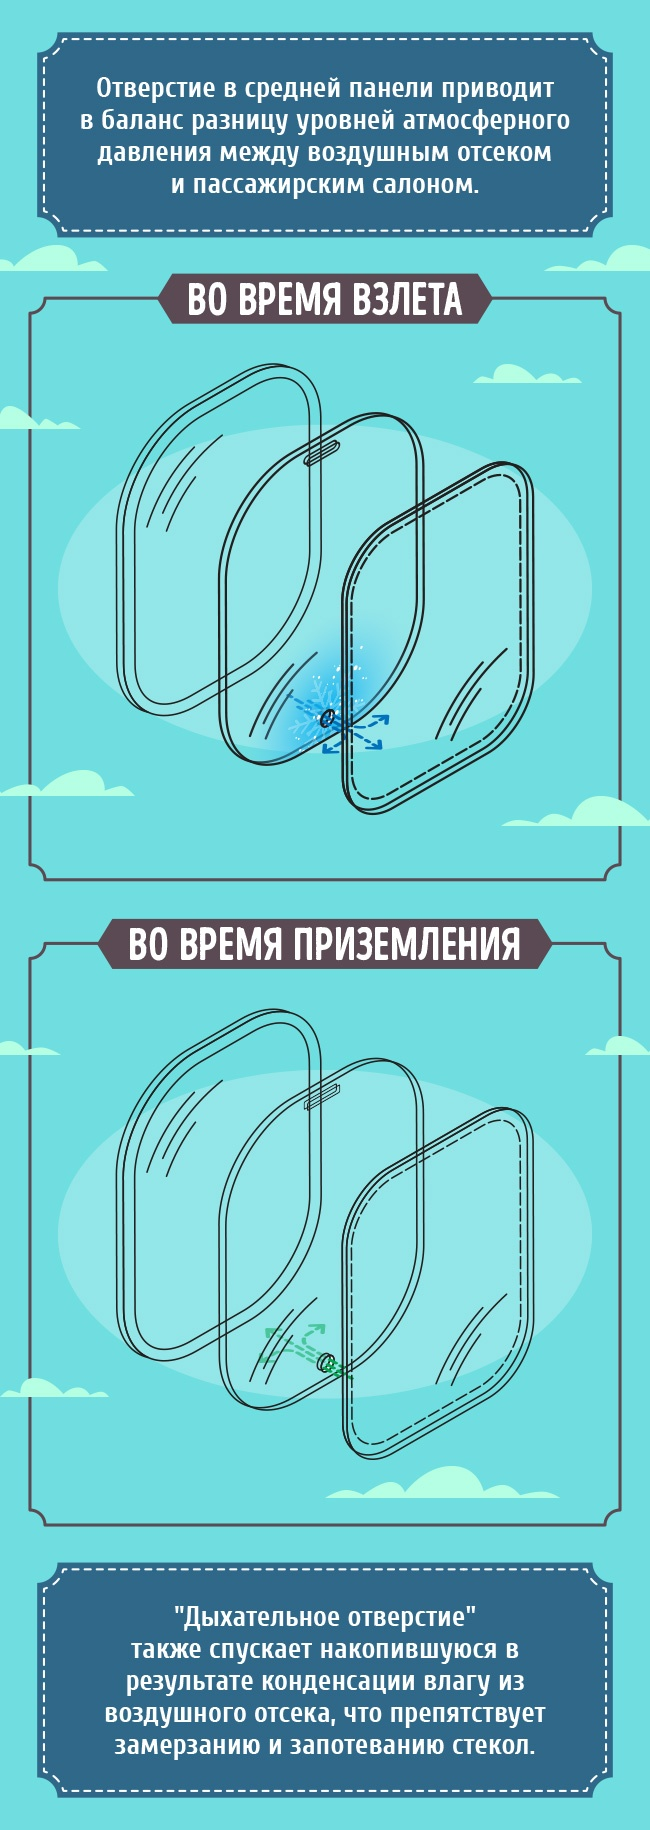 Иллюстратор Алёна Дурнева